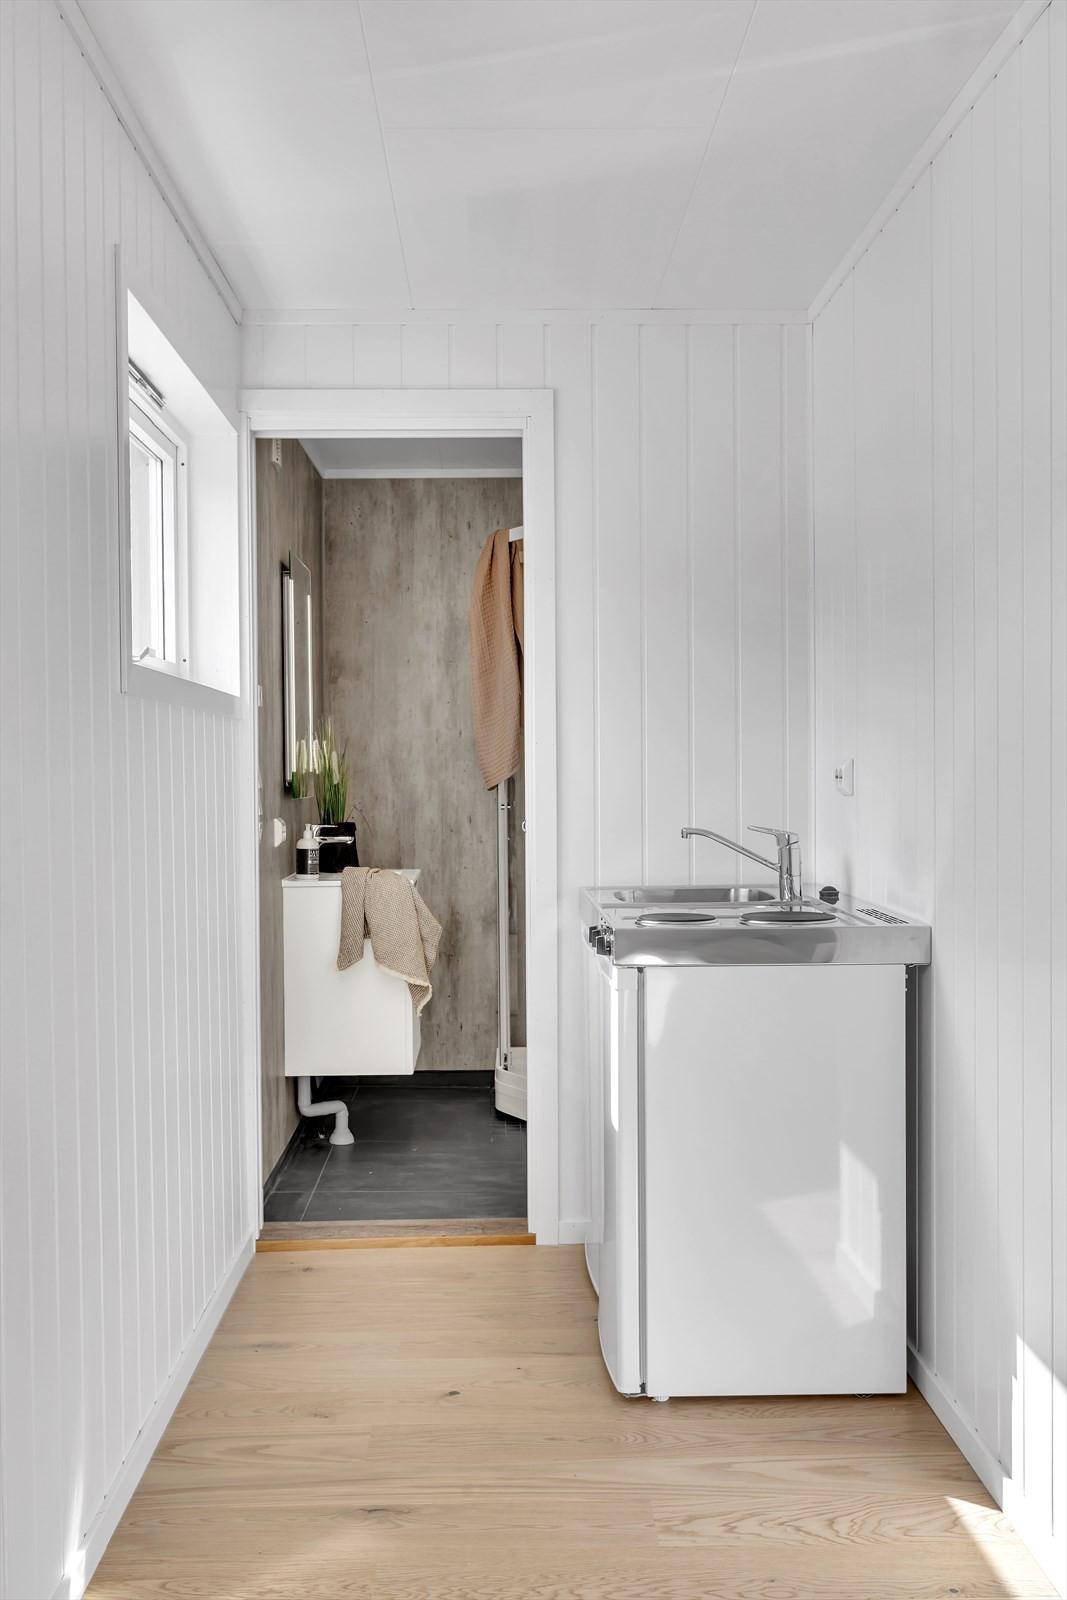 Hybelkjøkken og inngang til bad